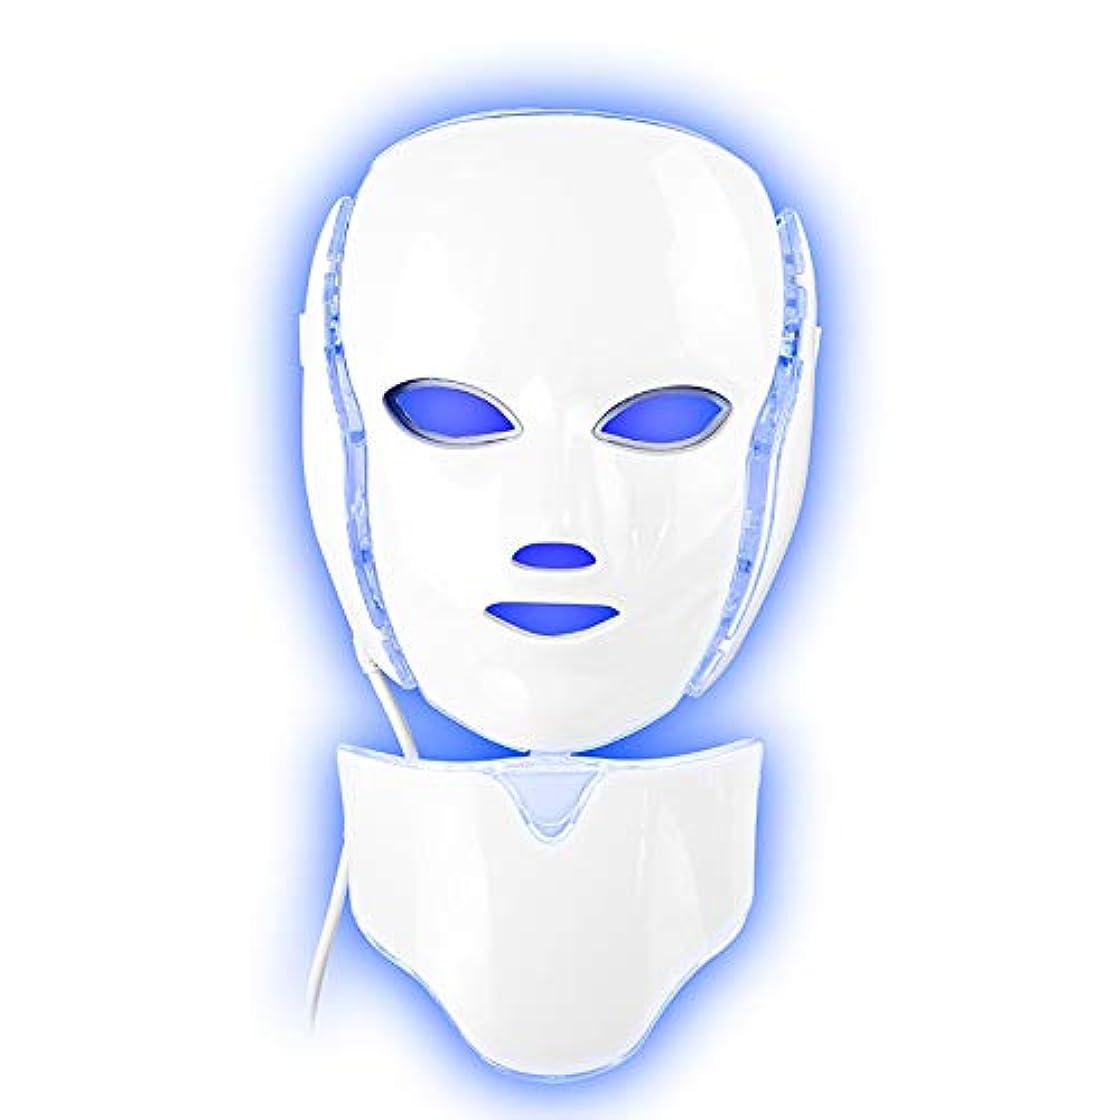 注ぎます百科事典格納7色LEDライトフェイシャルマスクアンチニキビ治療肌ネックマスクセットで楽器を締めます